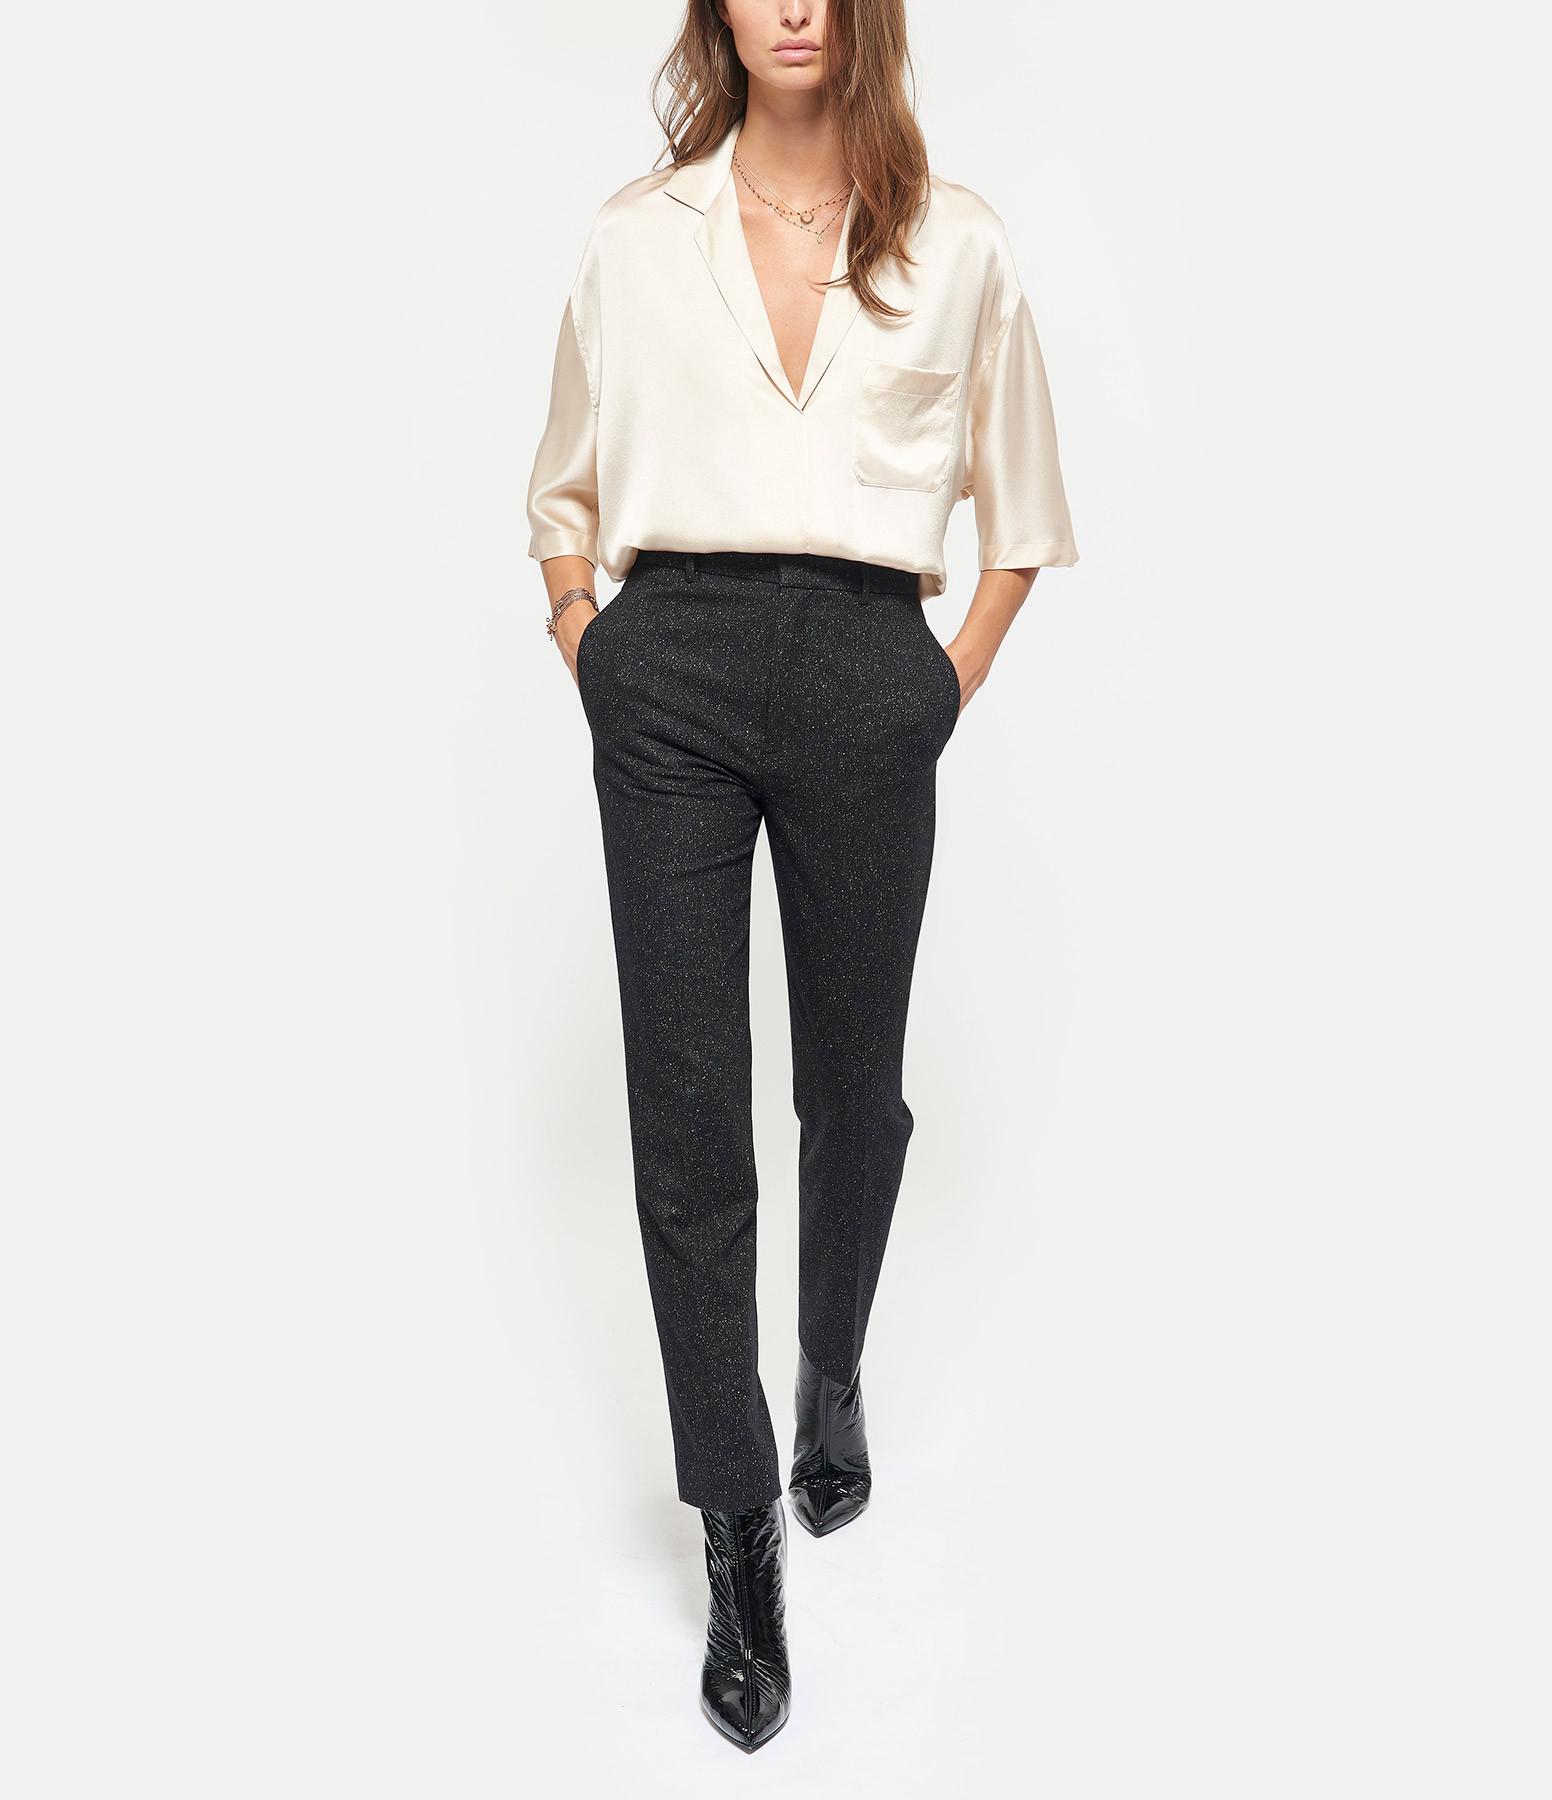 JOSEPH - Pantalon Coman Laine Noir